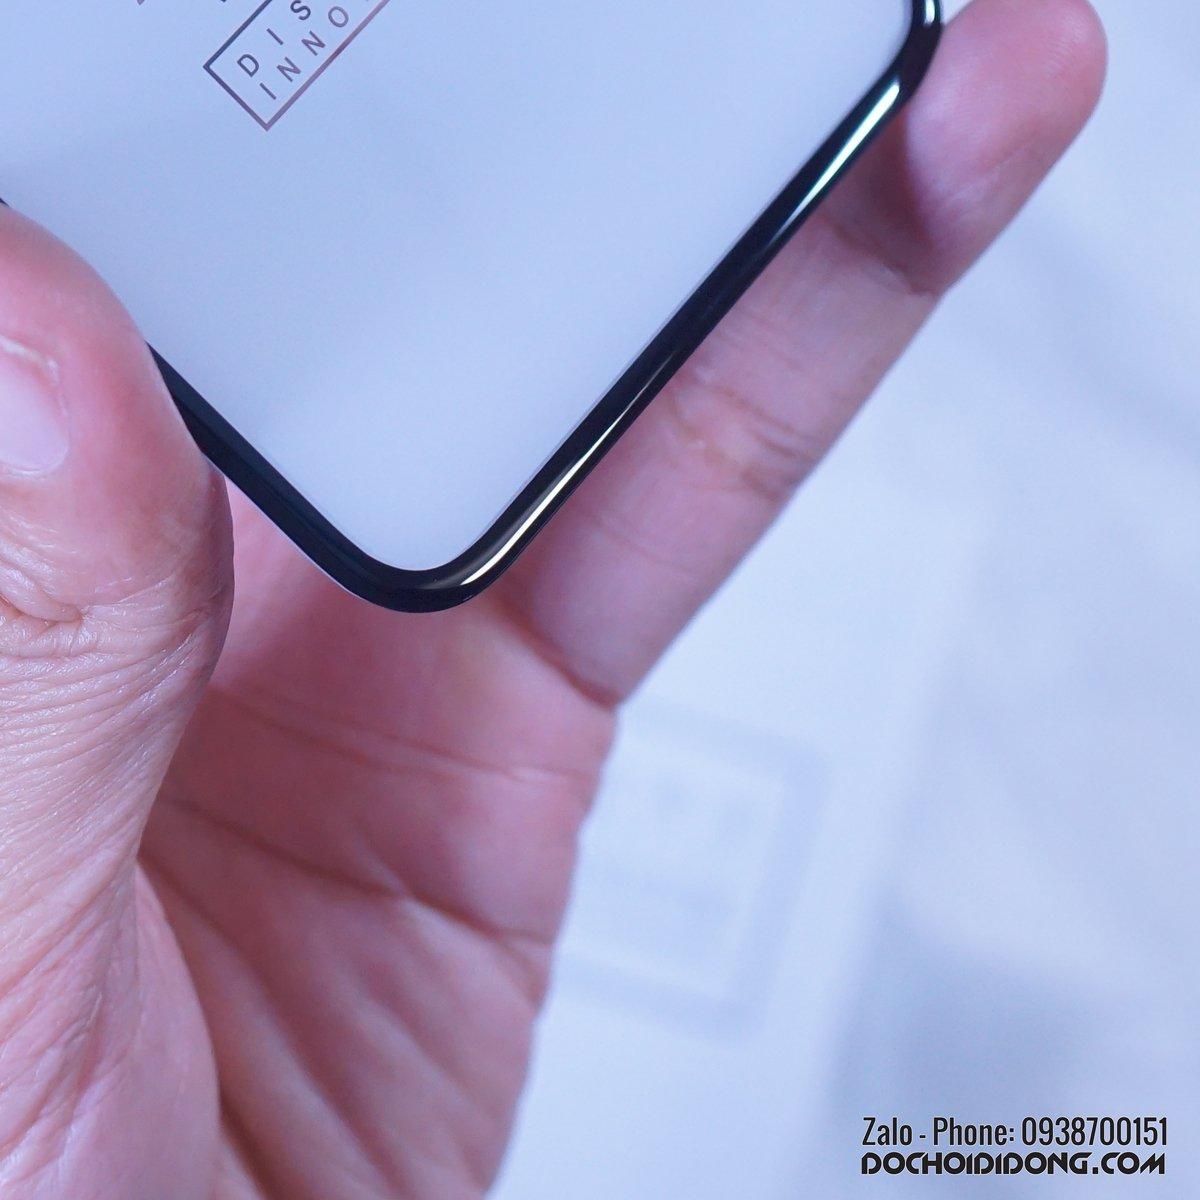 mieng-dan-cuong-luc-iphone-11-nillkin-3d-cp-max-full-man-hinh